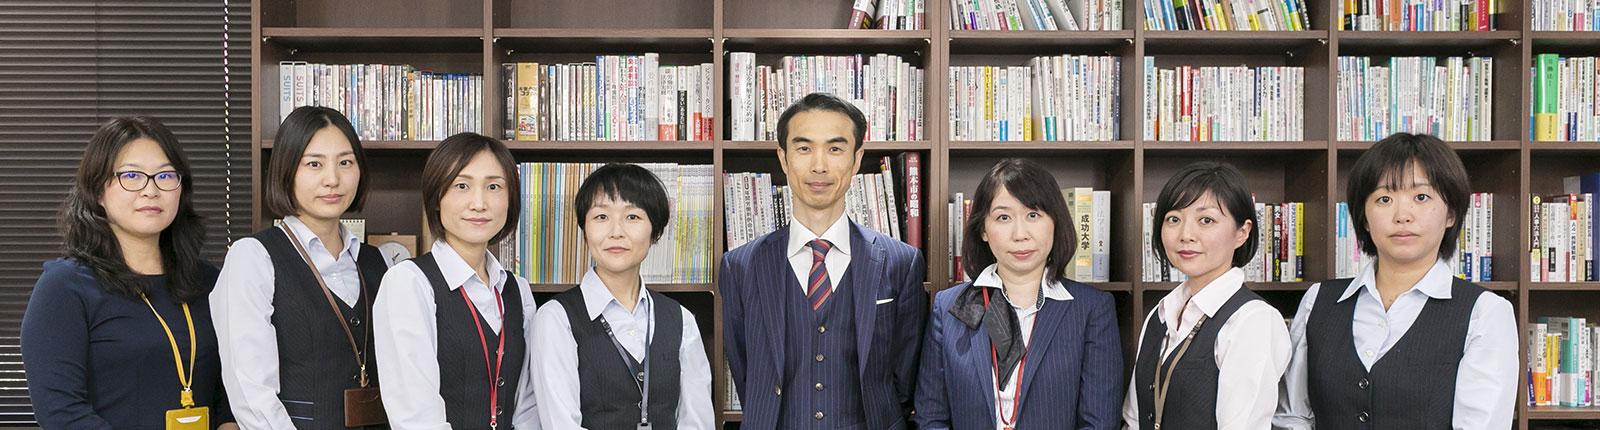 穴井りゅうじ社会保険労務士事務所のチーム